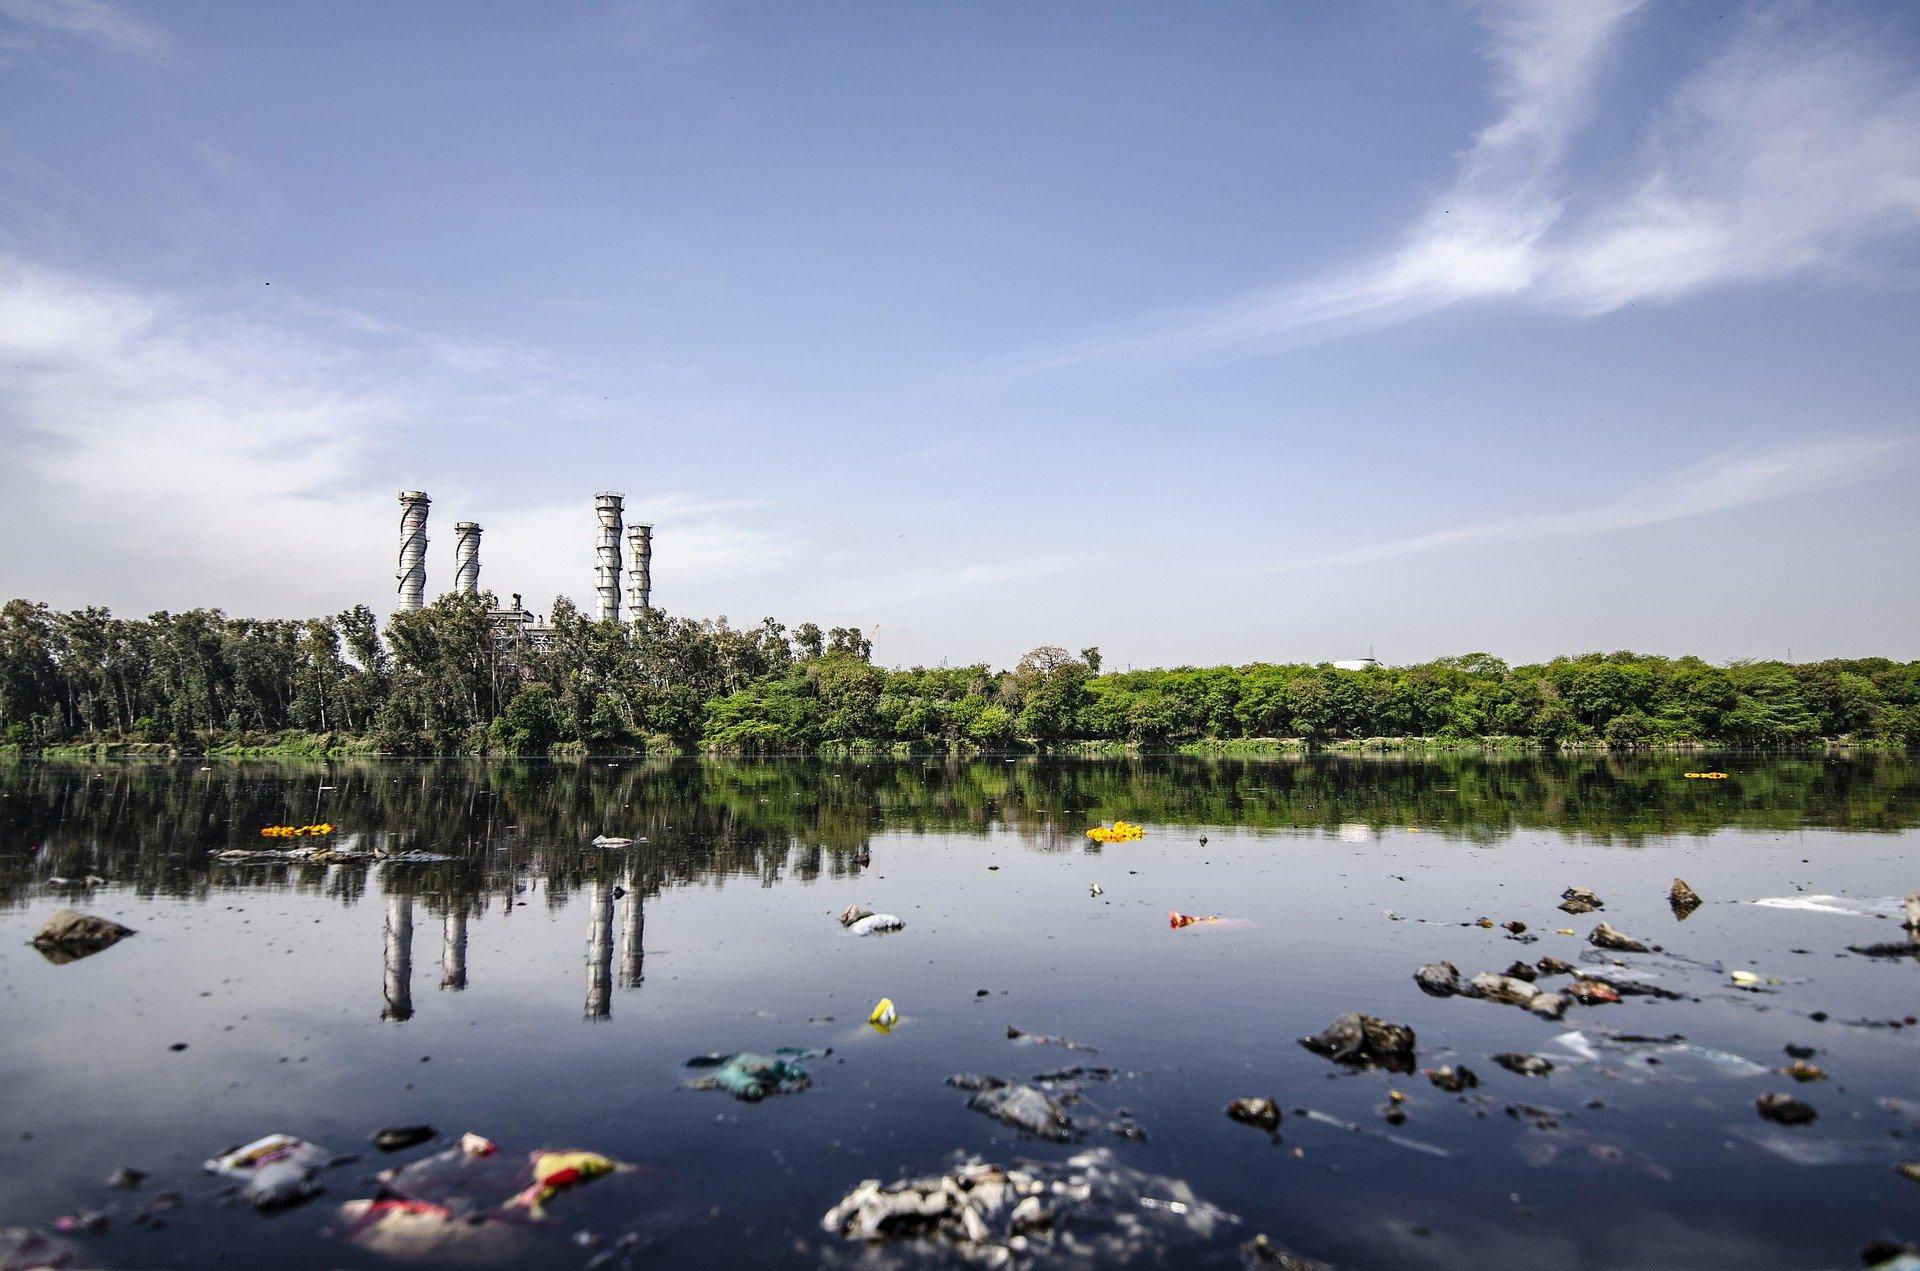 Destylacja jest szczególnie potrzebna wtedy, gdy woda wykorzystywana do poboru wody do picia w naszym miejscu zamieszkania jest zanieczyszczona odpadami przemysłowymi lub rolniczymi